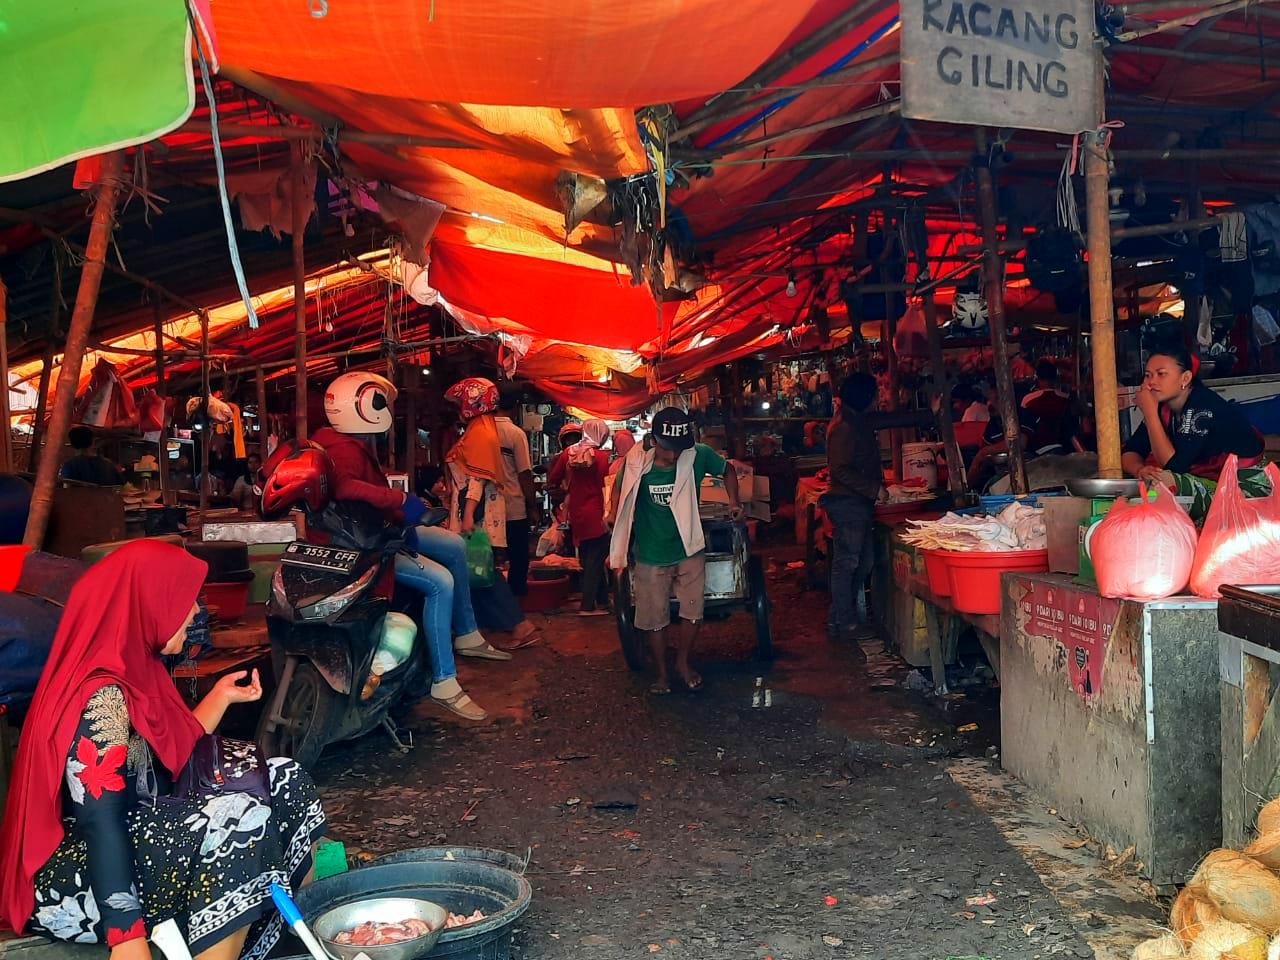 Suasana di Pasar Anyar Kota Tangerang.